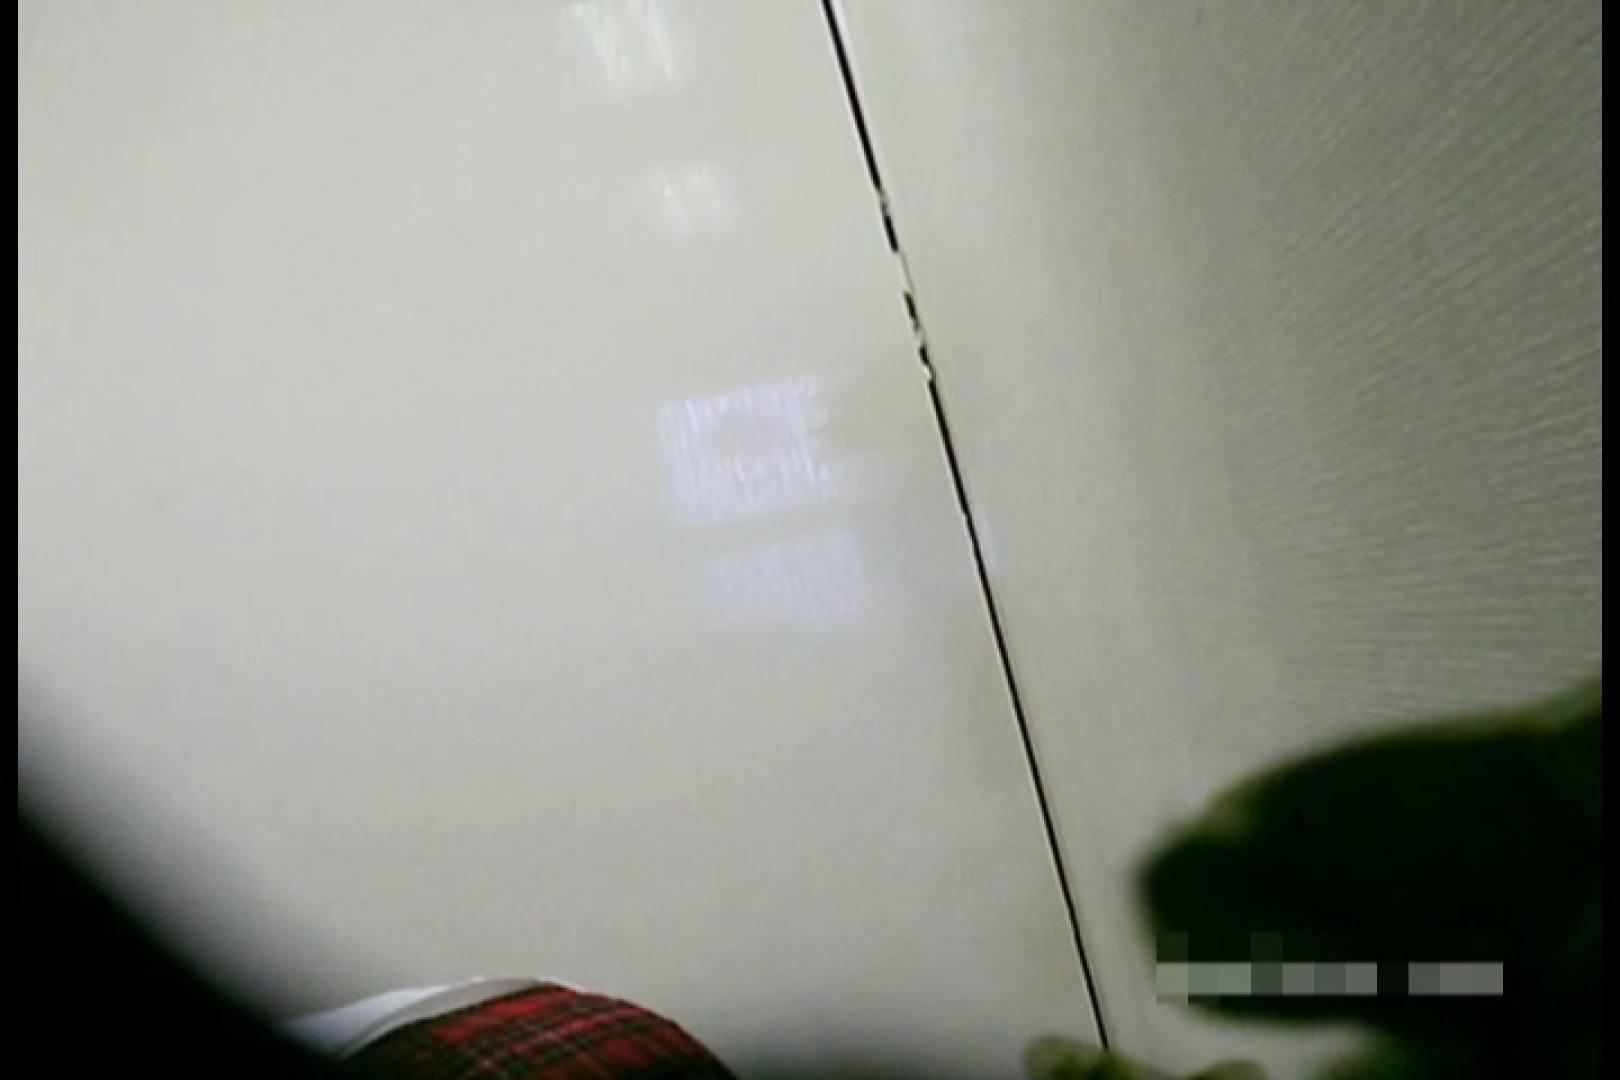 素人撮影 下着だけの撮影のはずが・・・みゆき18歳 盗撮  51PIX 45